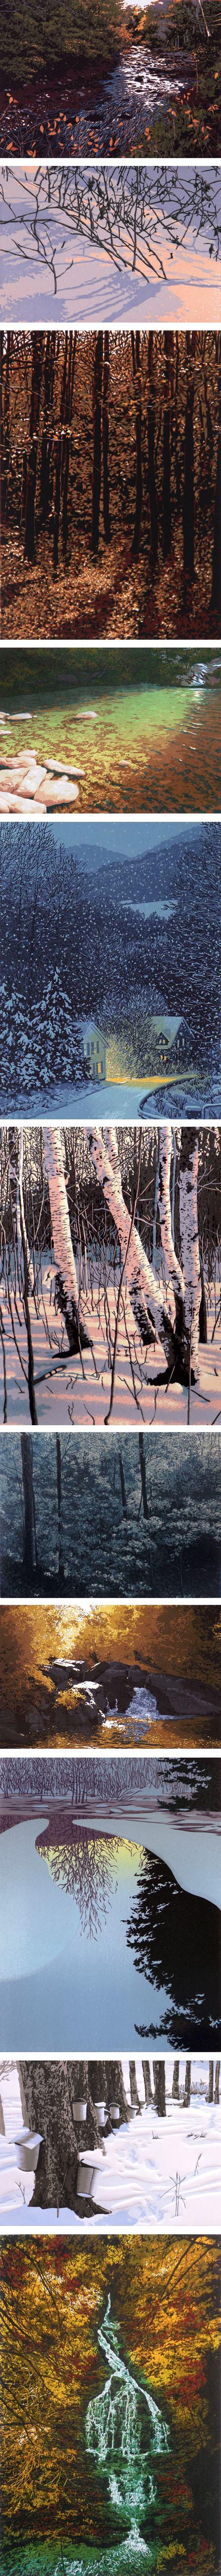 William Hays, reduction linocut prints